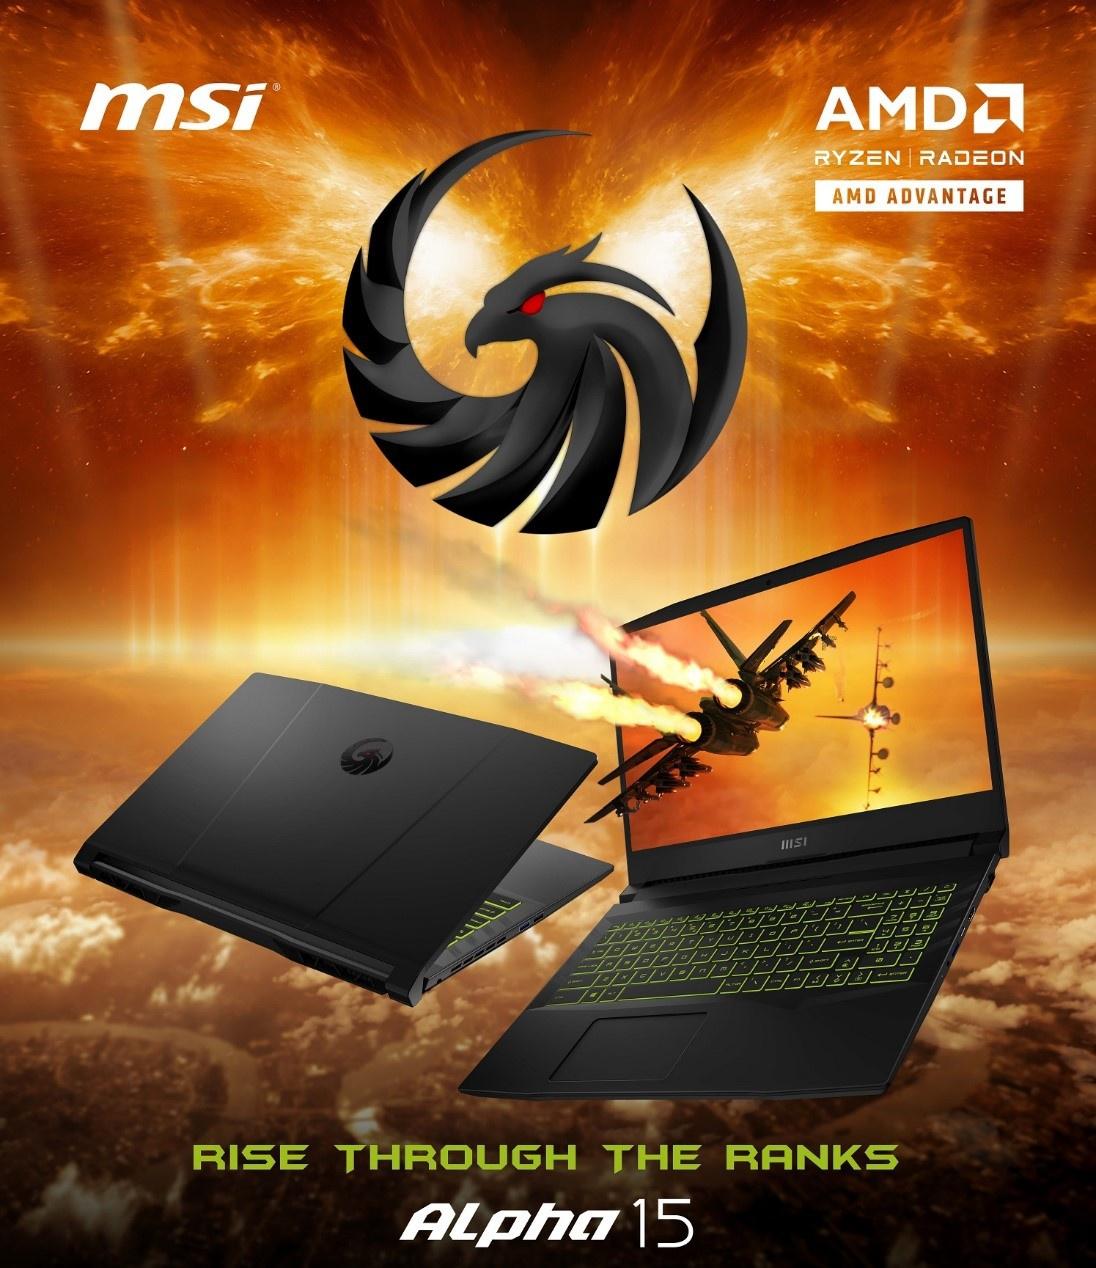 MSI trình làng laptop game Alpha 15 mạnh mẽ với sự kết hợp của cặp đôi AMD - ảnh 1